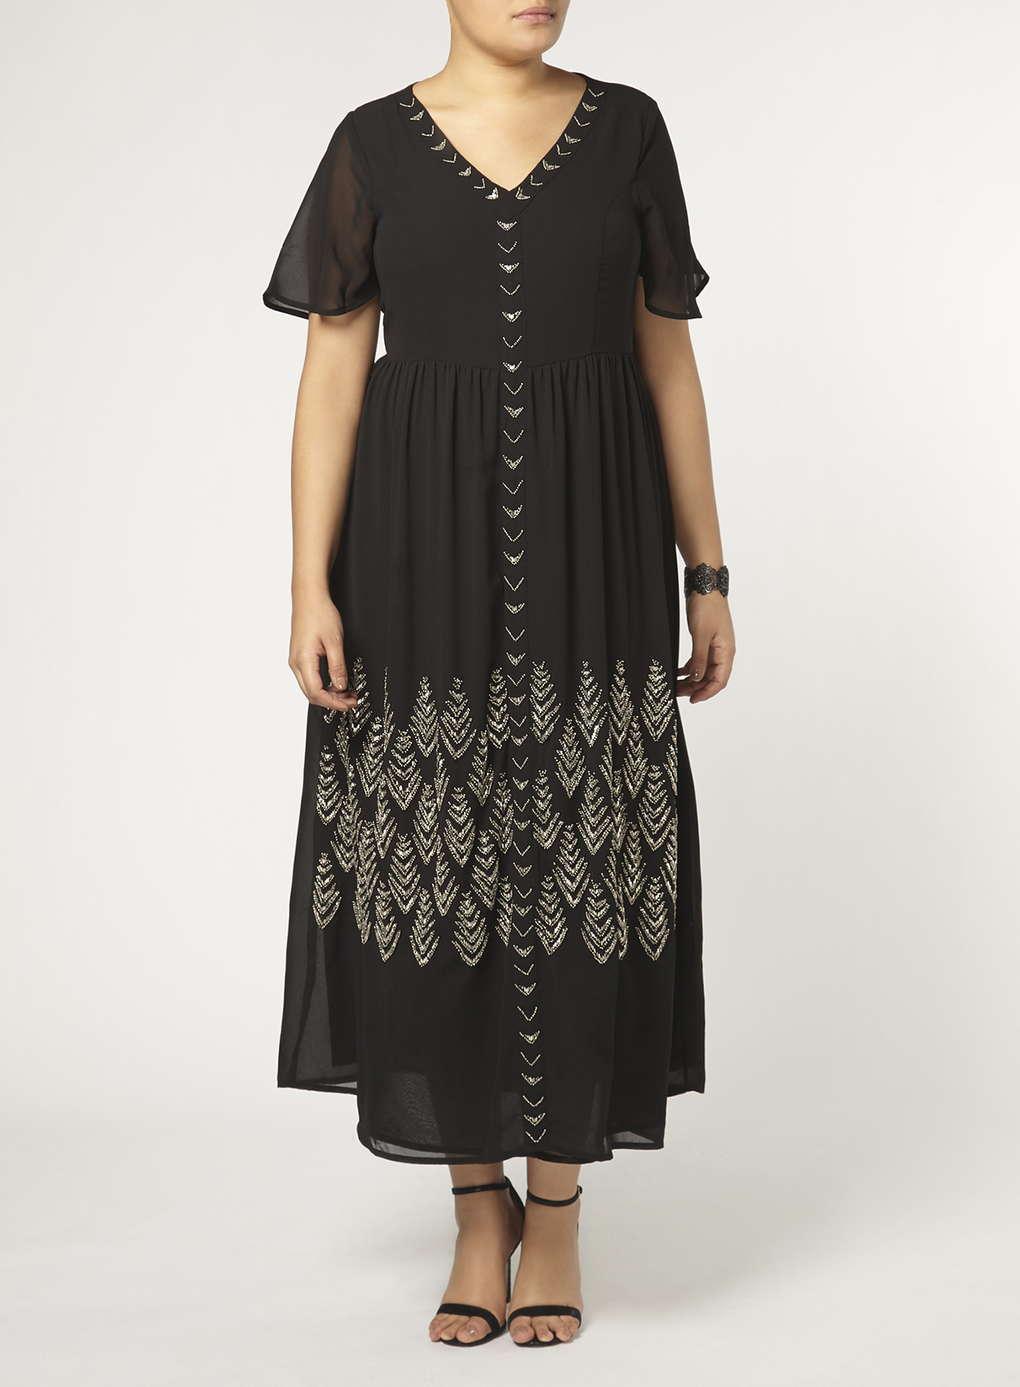 Büyük Beden Uzun Abiye Elbise Modelleri - Gece Elbiseleri - plus size dresses (7)